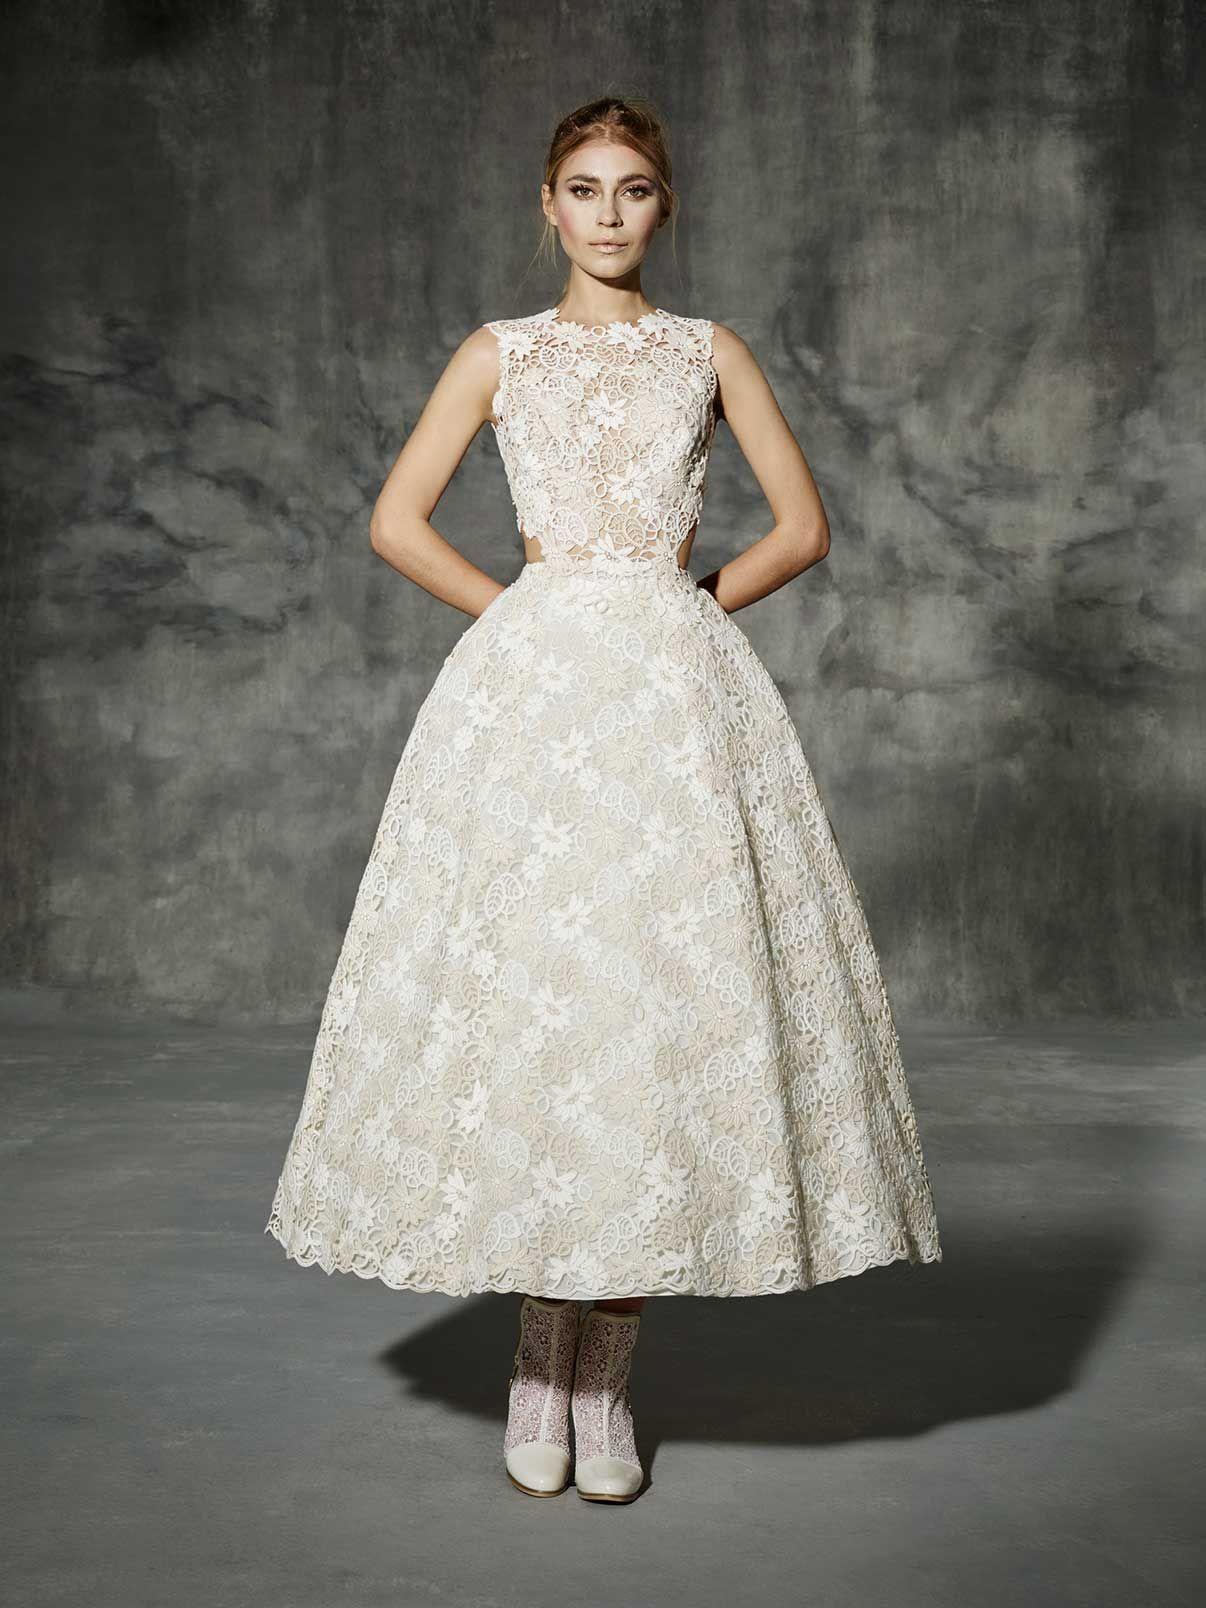 Mejores disenadores vestidos novia barcelona